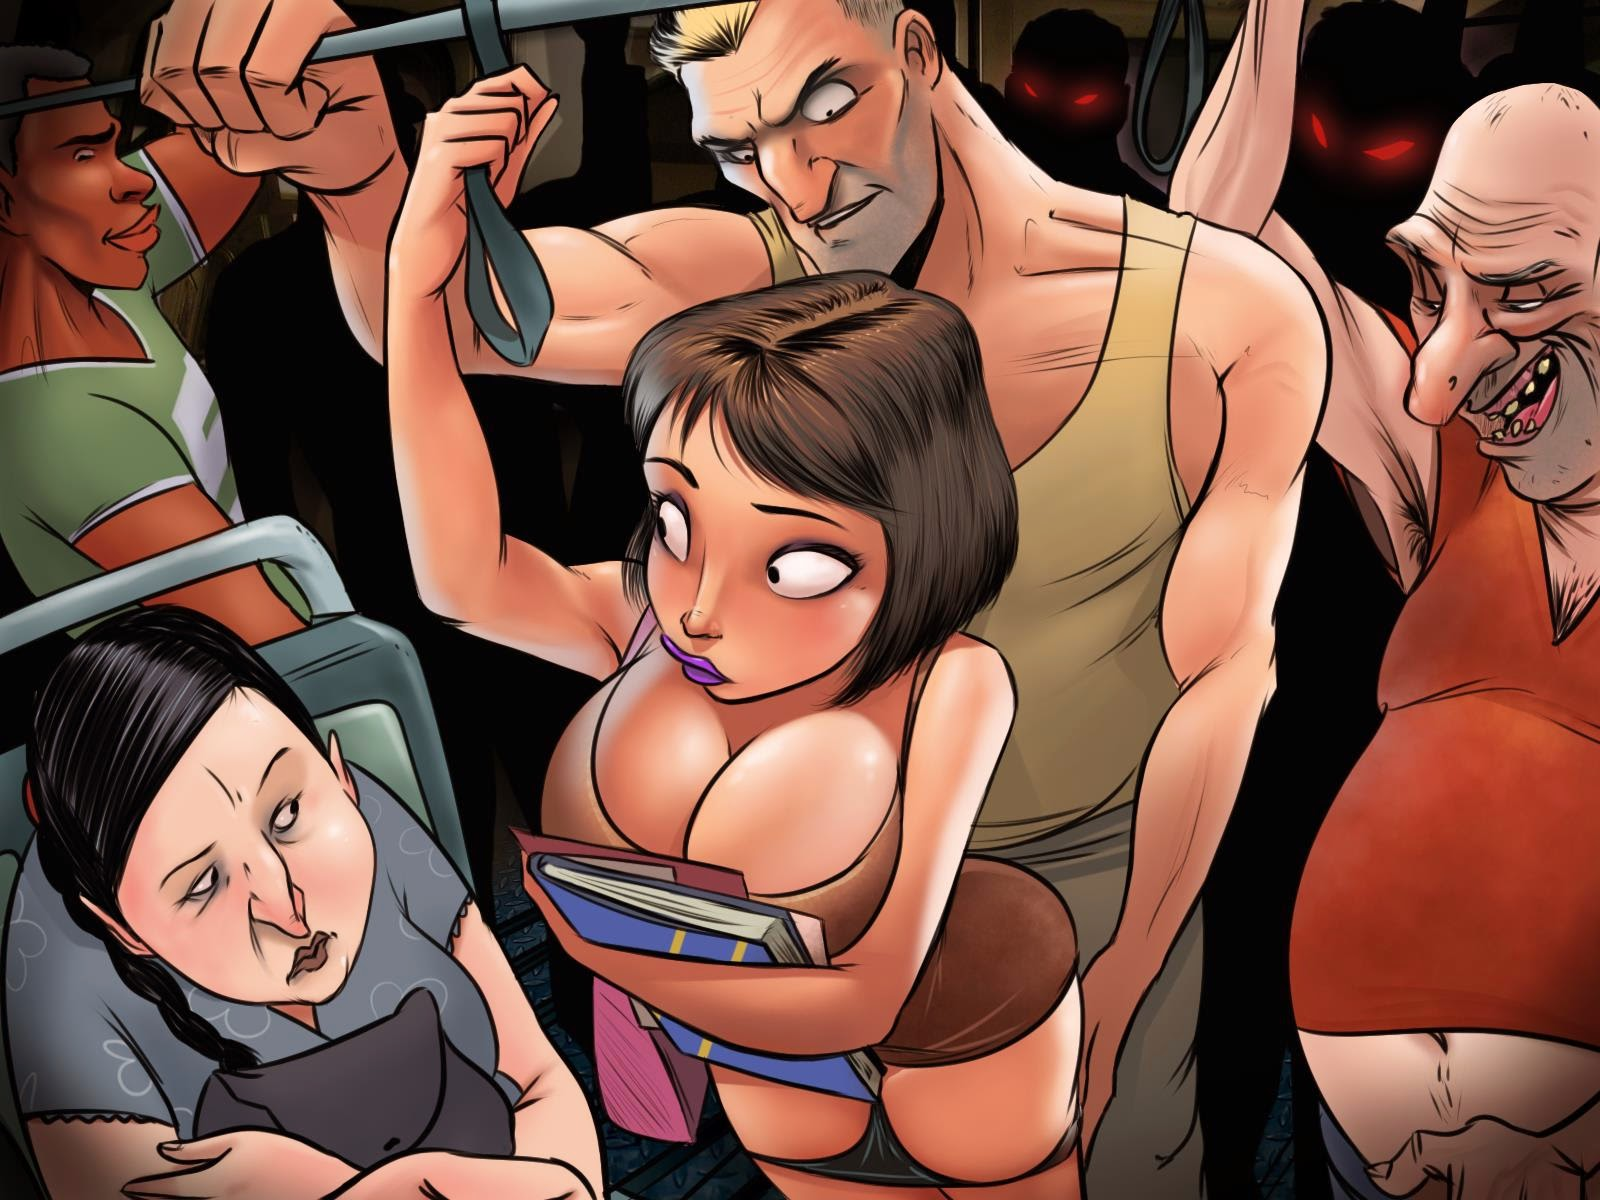 fotos de princesas porno putas sexso